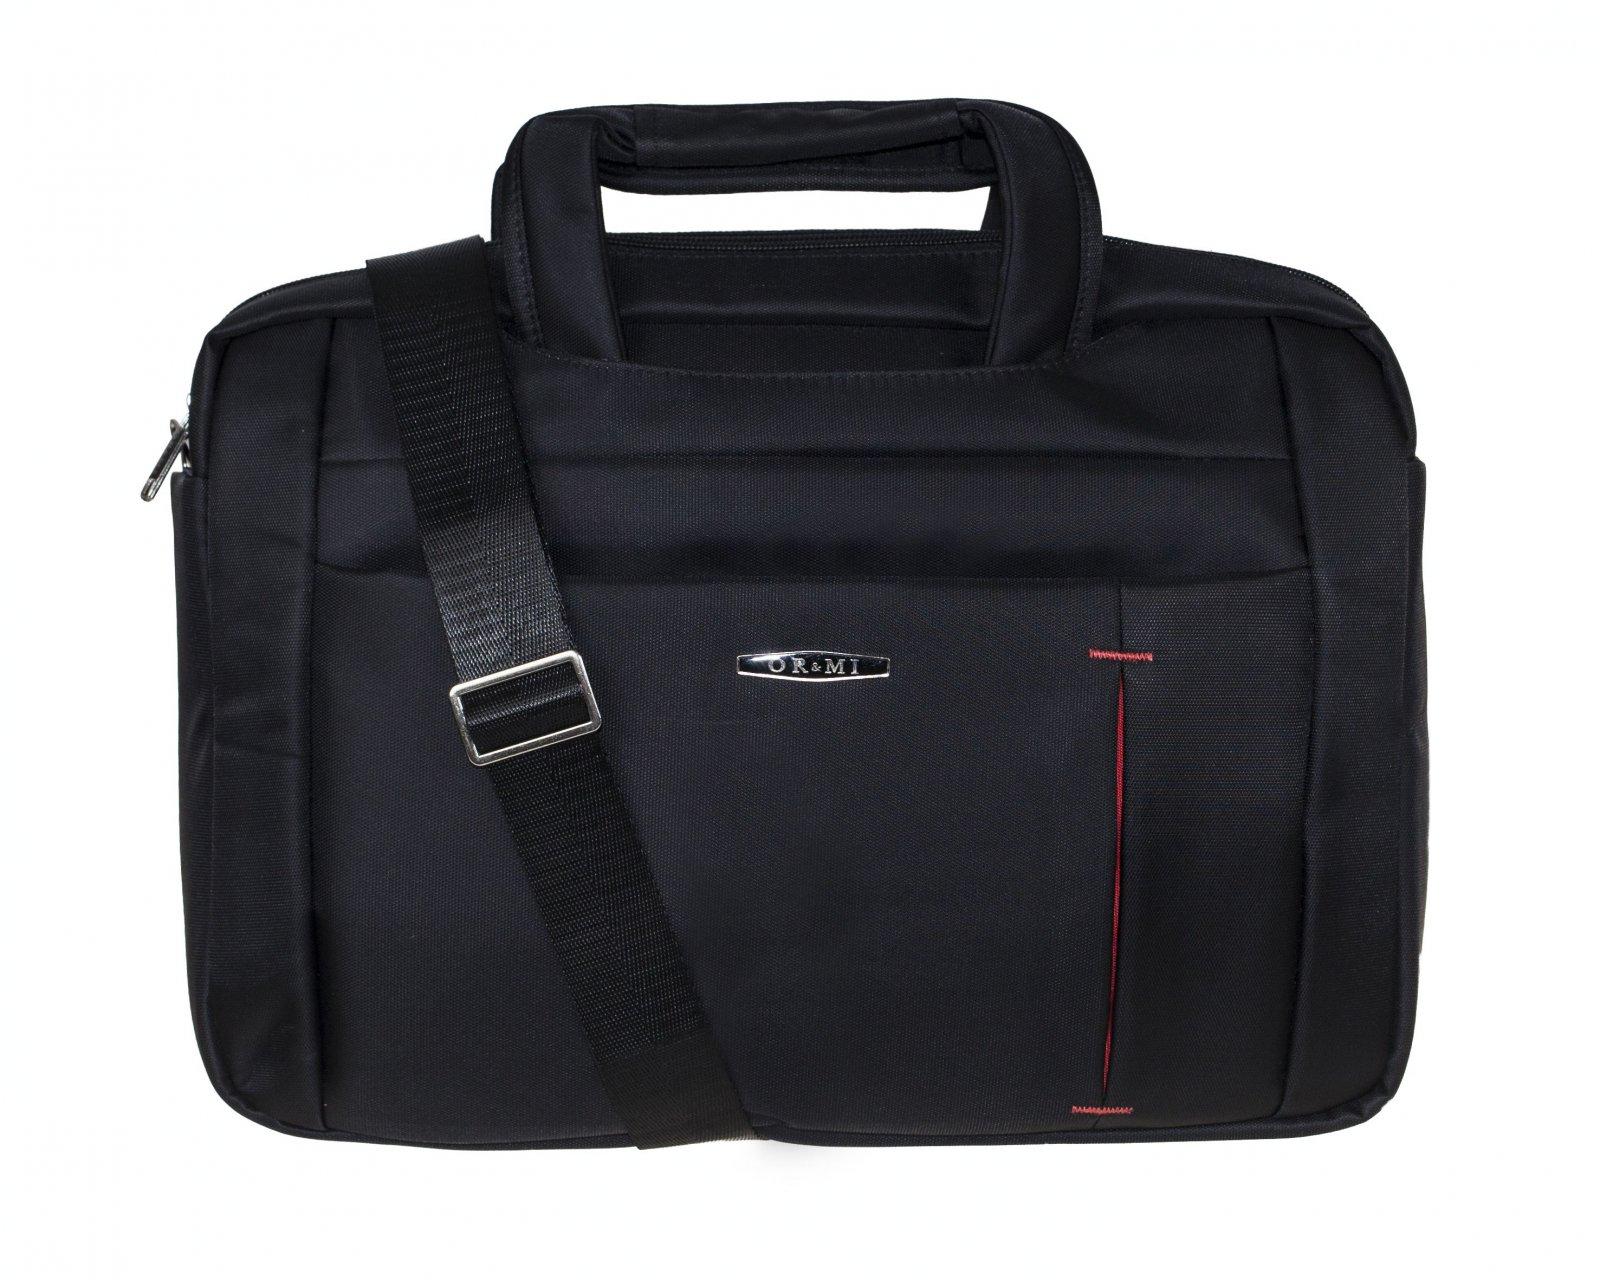 Business Tasche JEEP Laptoptasche Aktentasche Notebooktaschen Herren